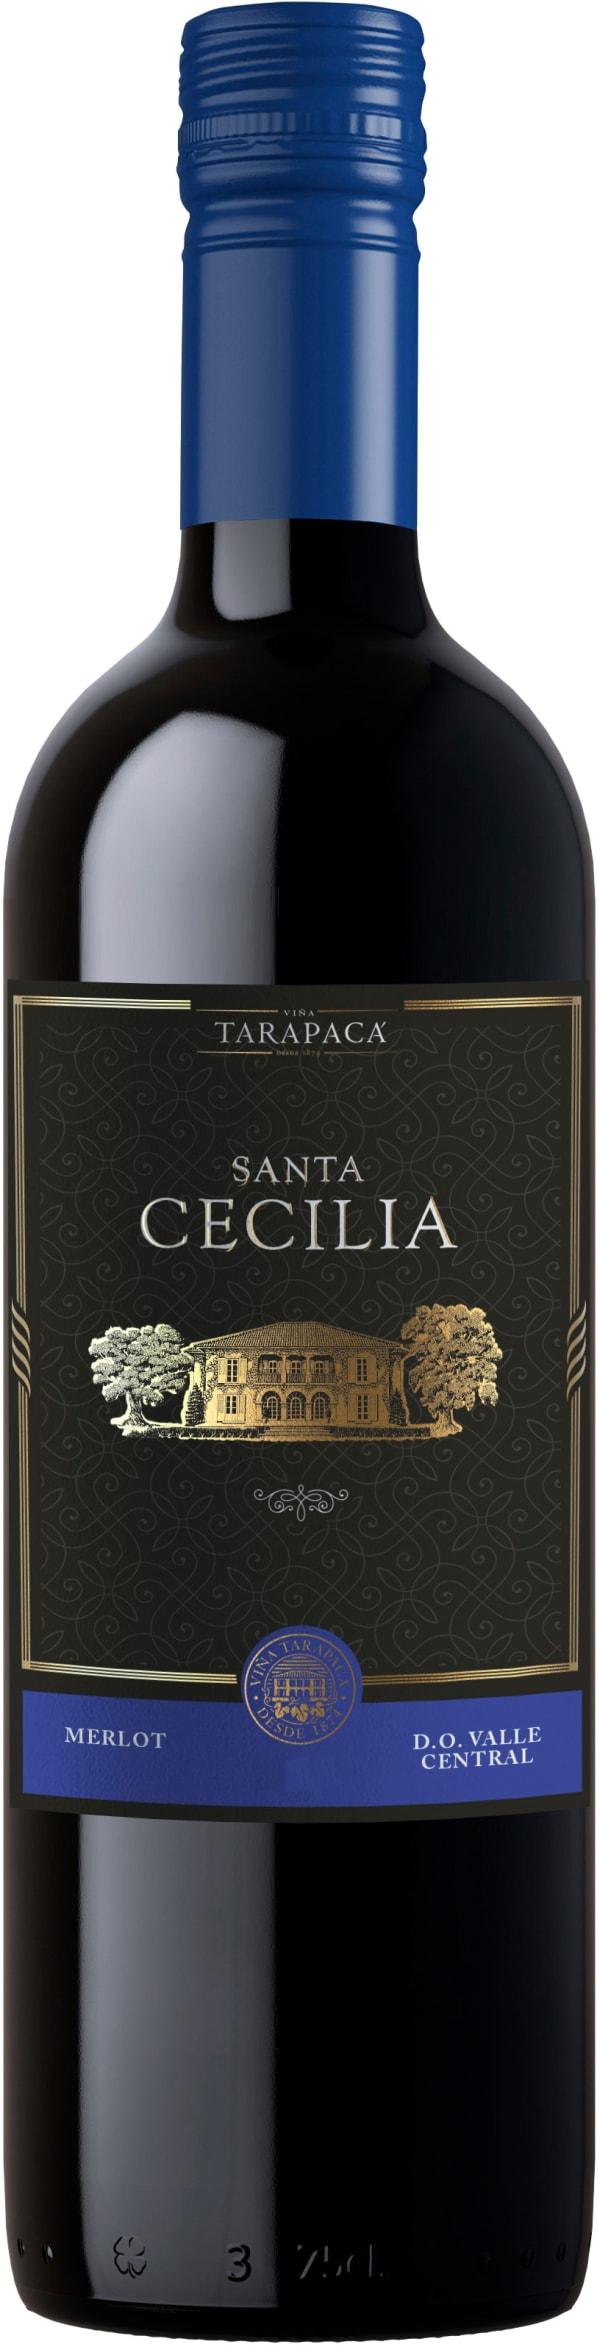 Tarapacá Santa Cecilia Merlot 2020